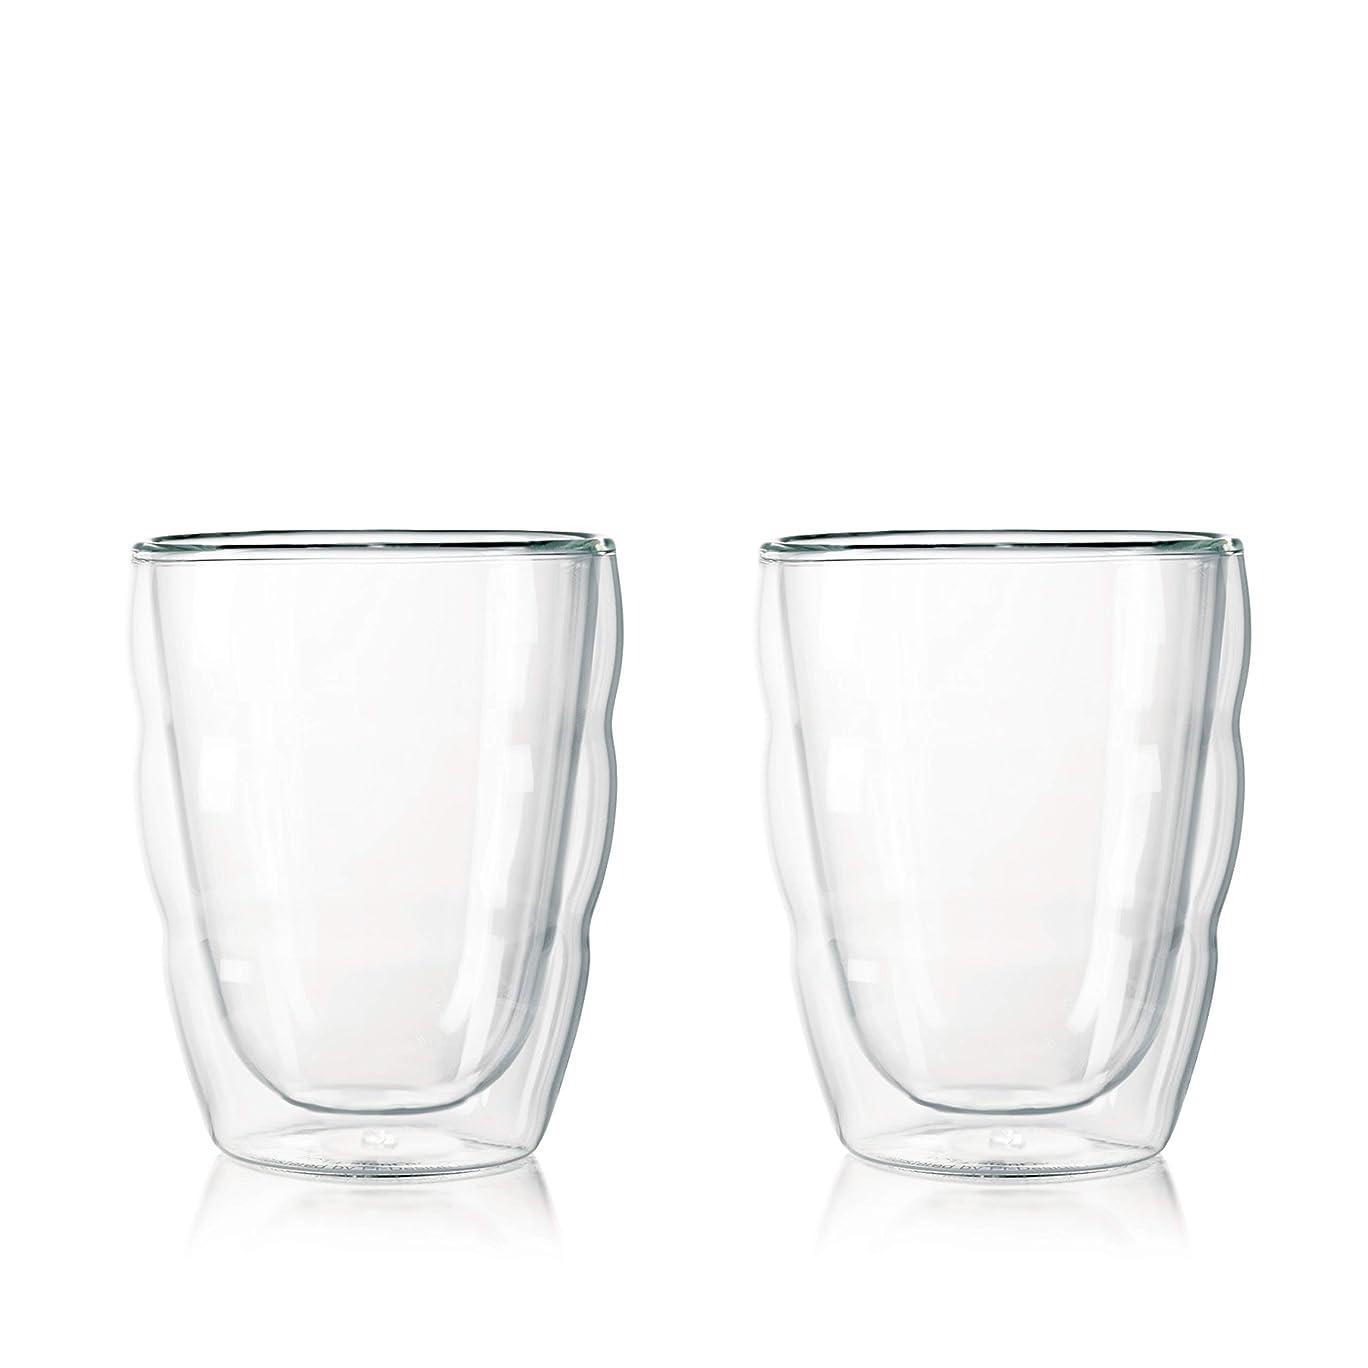 移民ミルク乗って【正規品】 BODUM ボダム PILATUS ダブルウォールグラス 250ml (2個セット) 10484-10